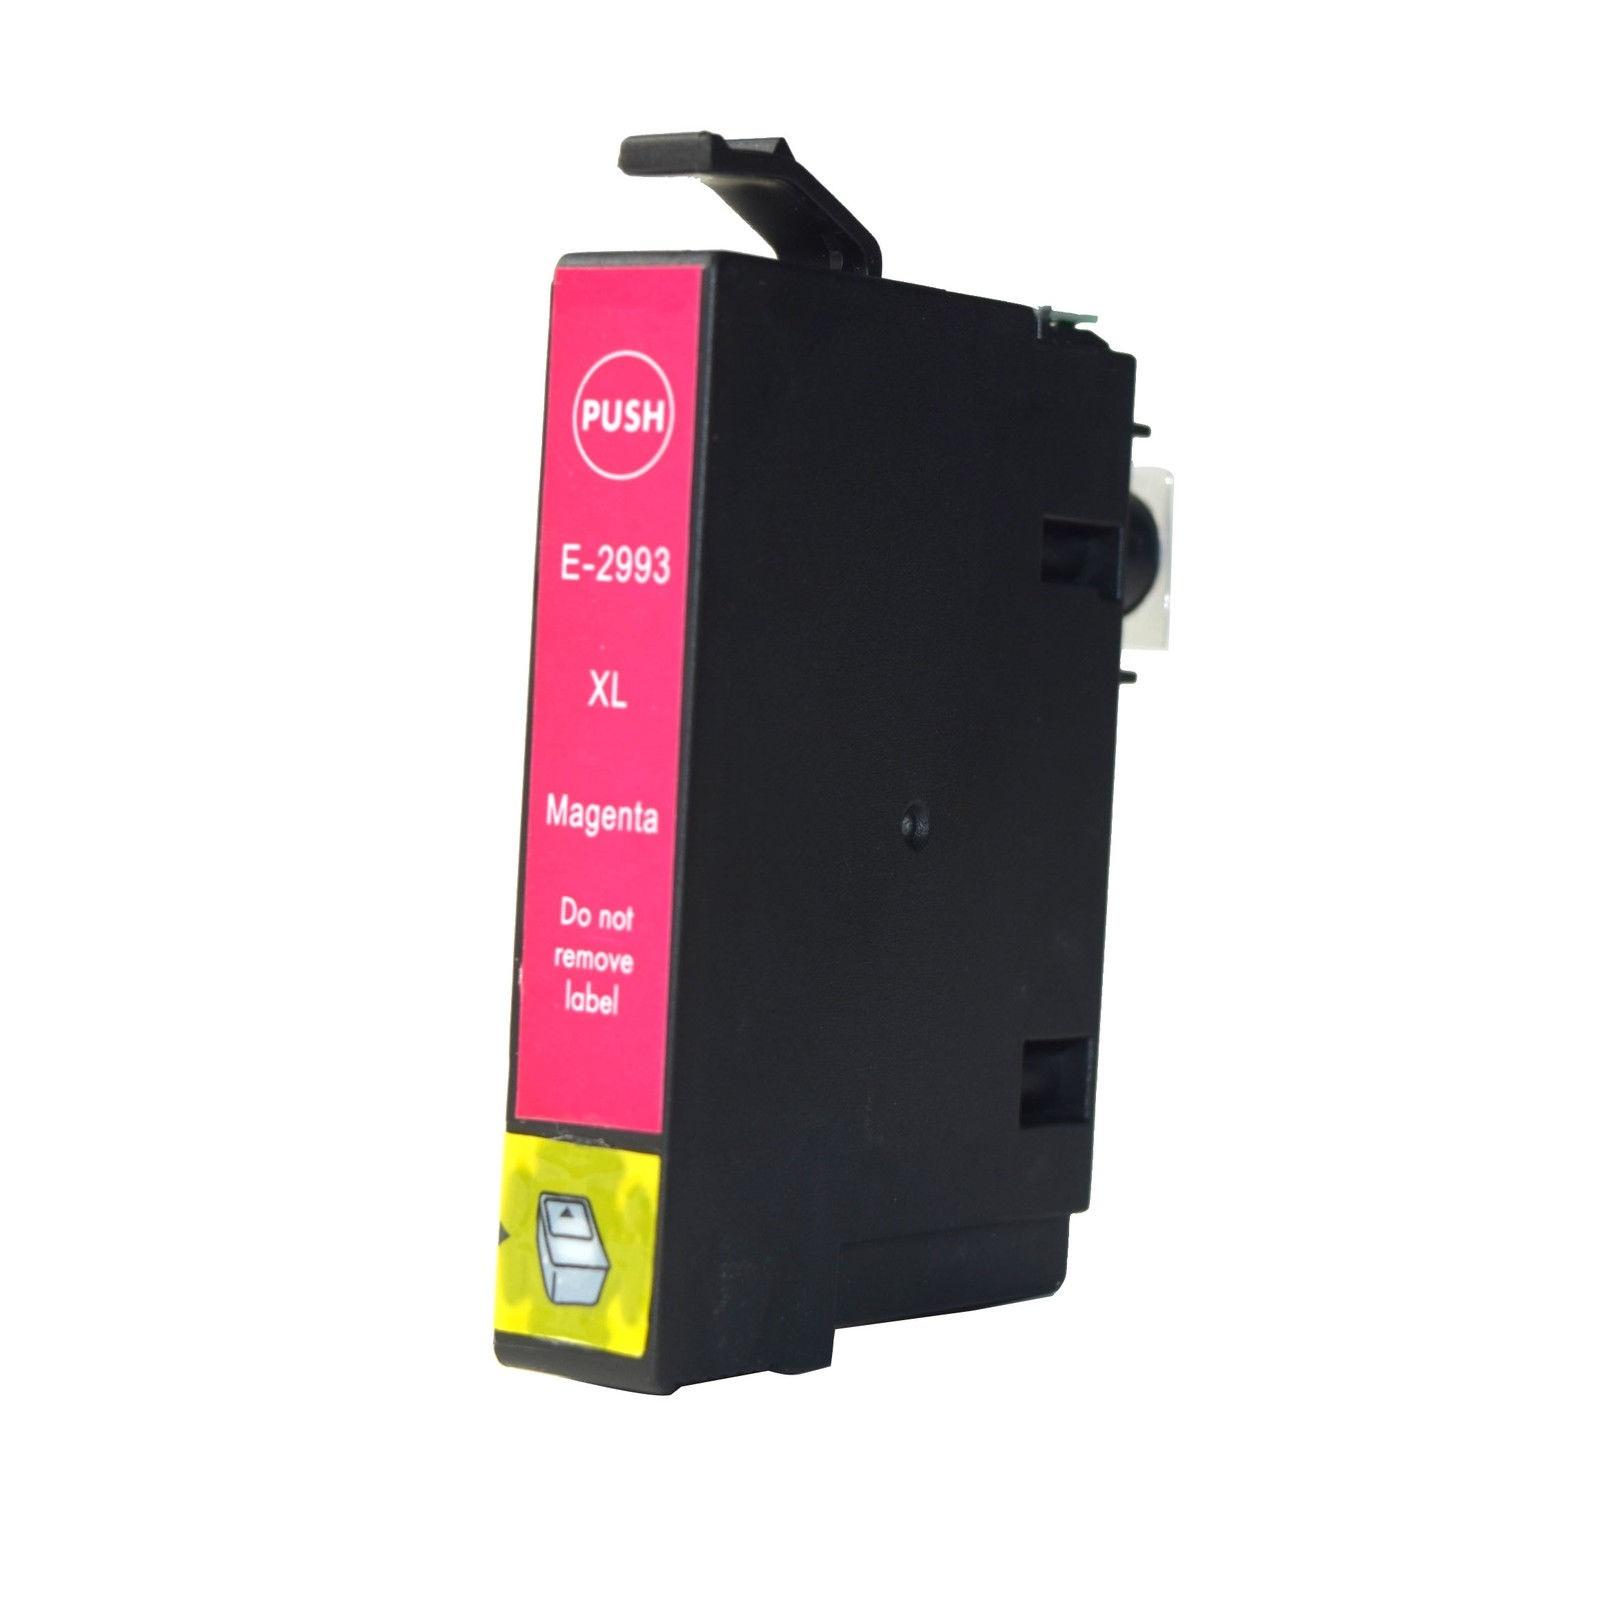 Tinteiro Compatível Epson T2983 / T2993 29XL Magenta